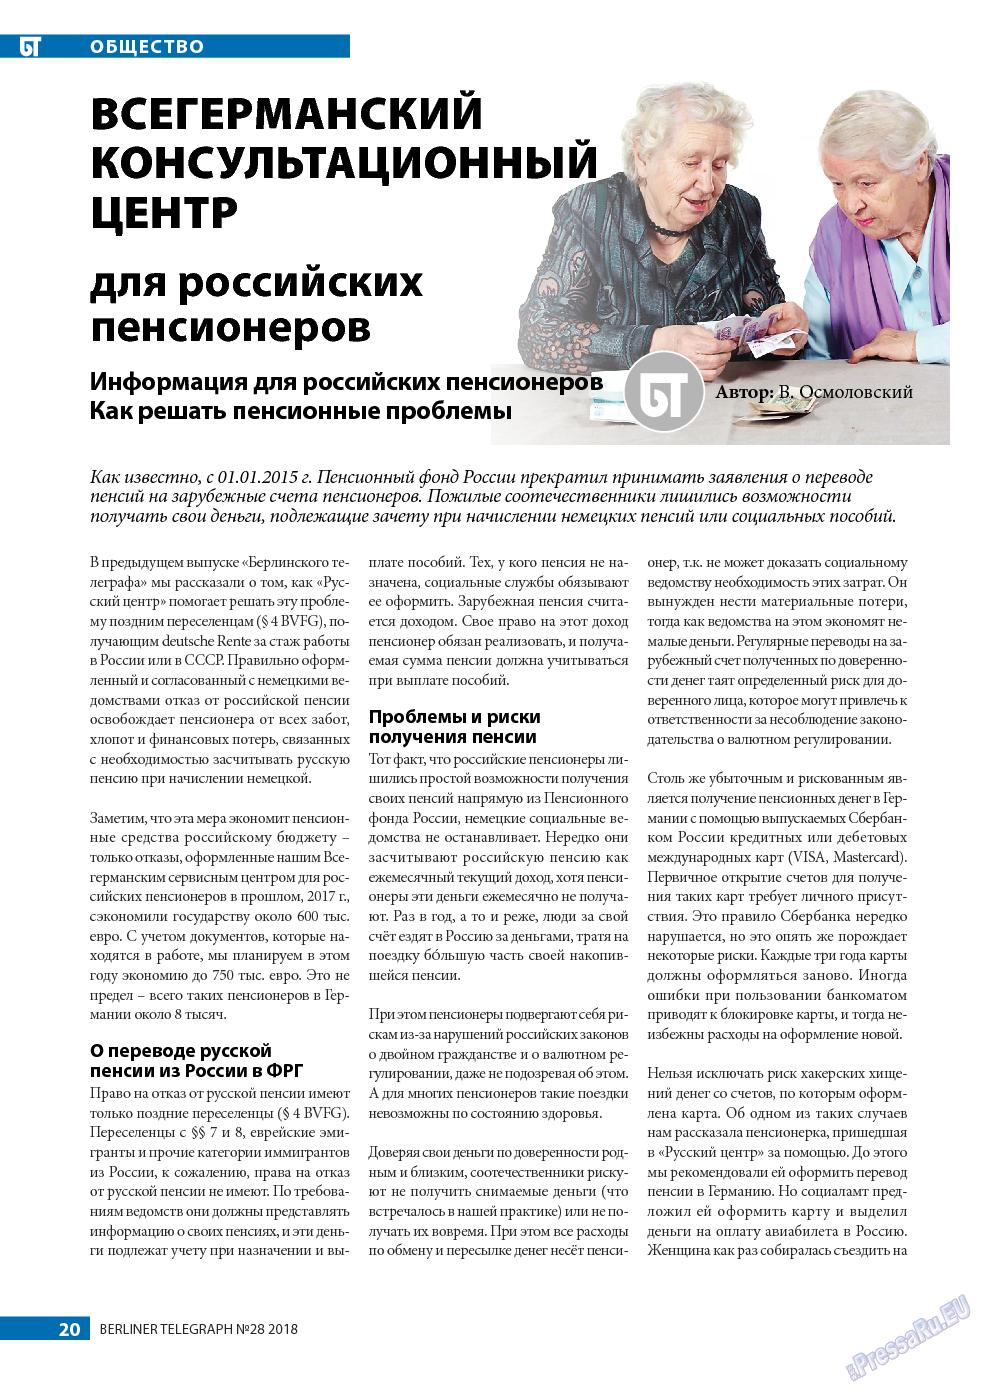 Берлинский телеграф (журнал). 2018 год, номер 28, стр. 20